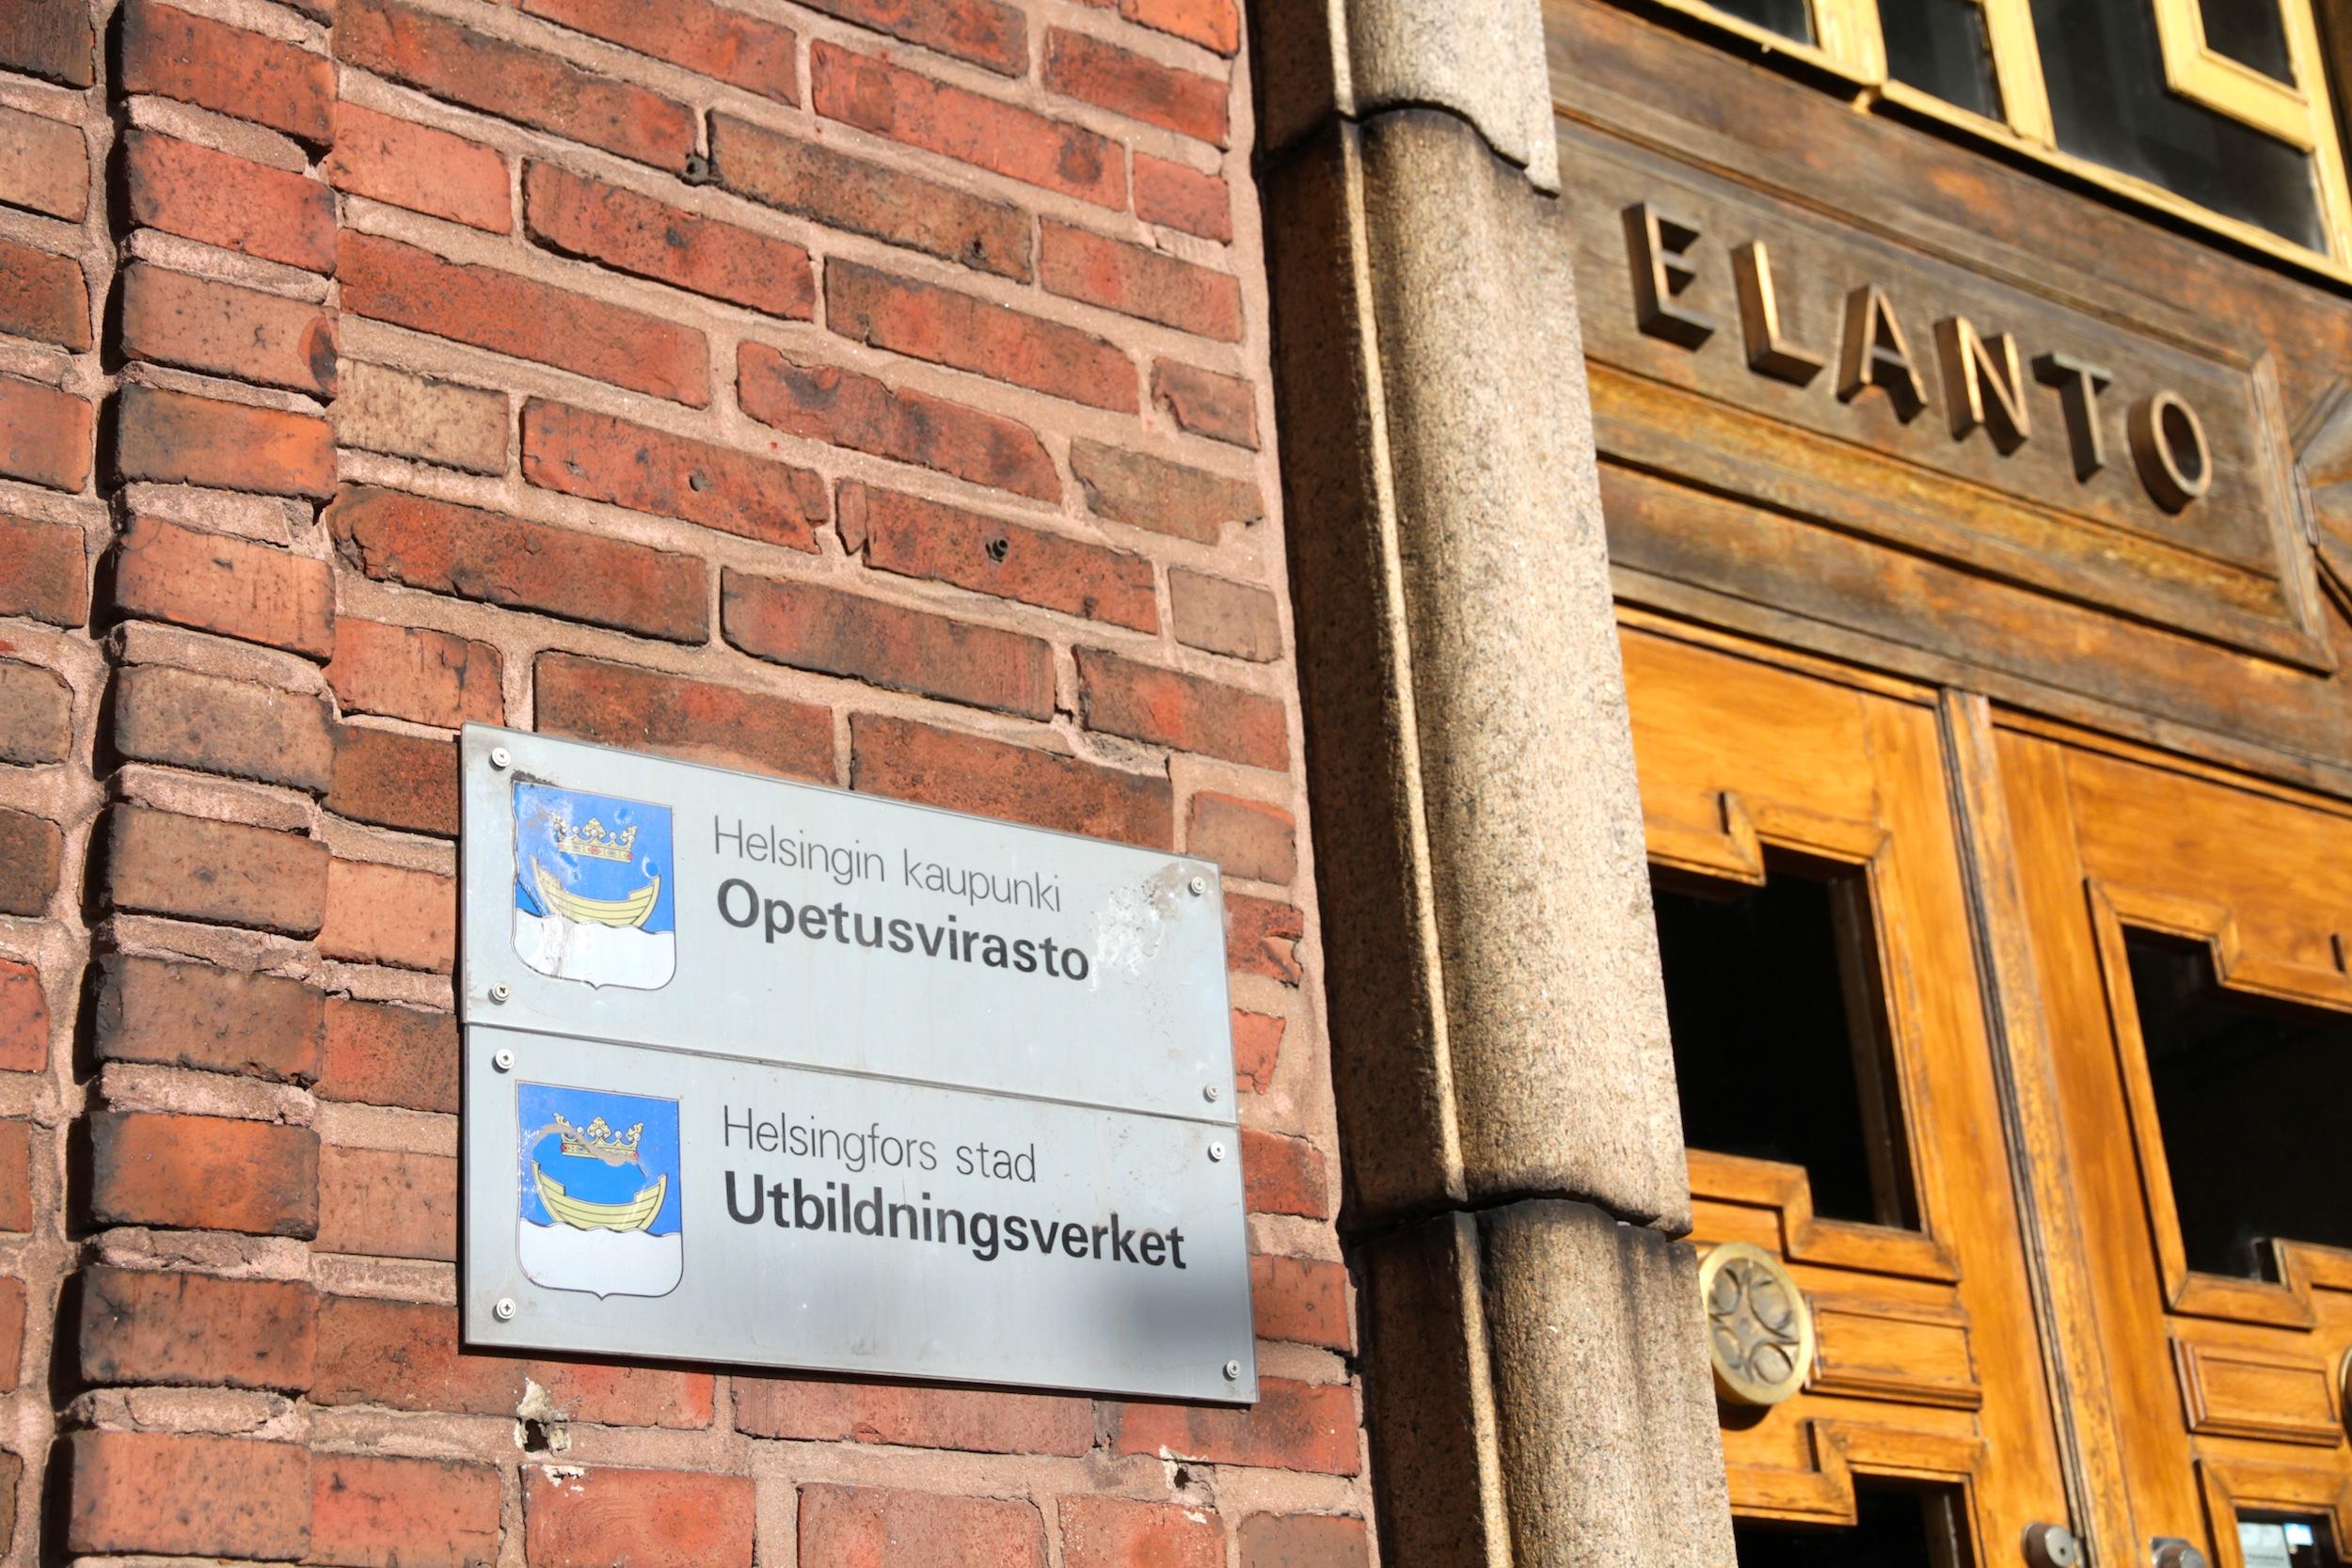 Helsingin kaupungin opetusvirastosta sai tietohallintopäällikkö Hannu Suoniemen lisäksi potkut kolme muuta työntekijää.